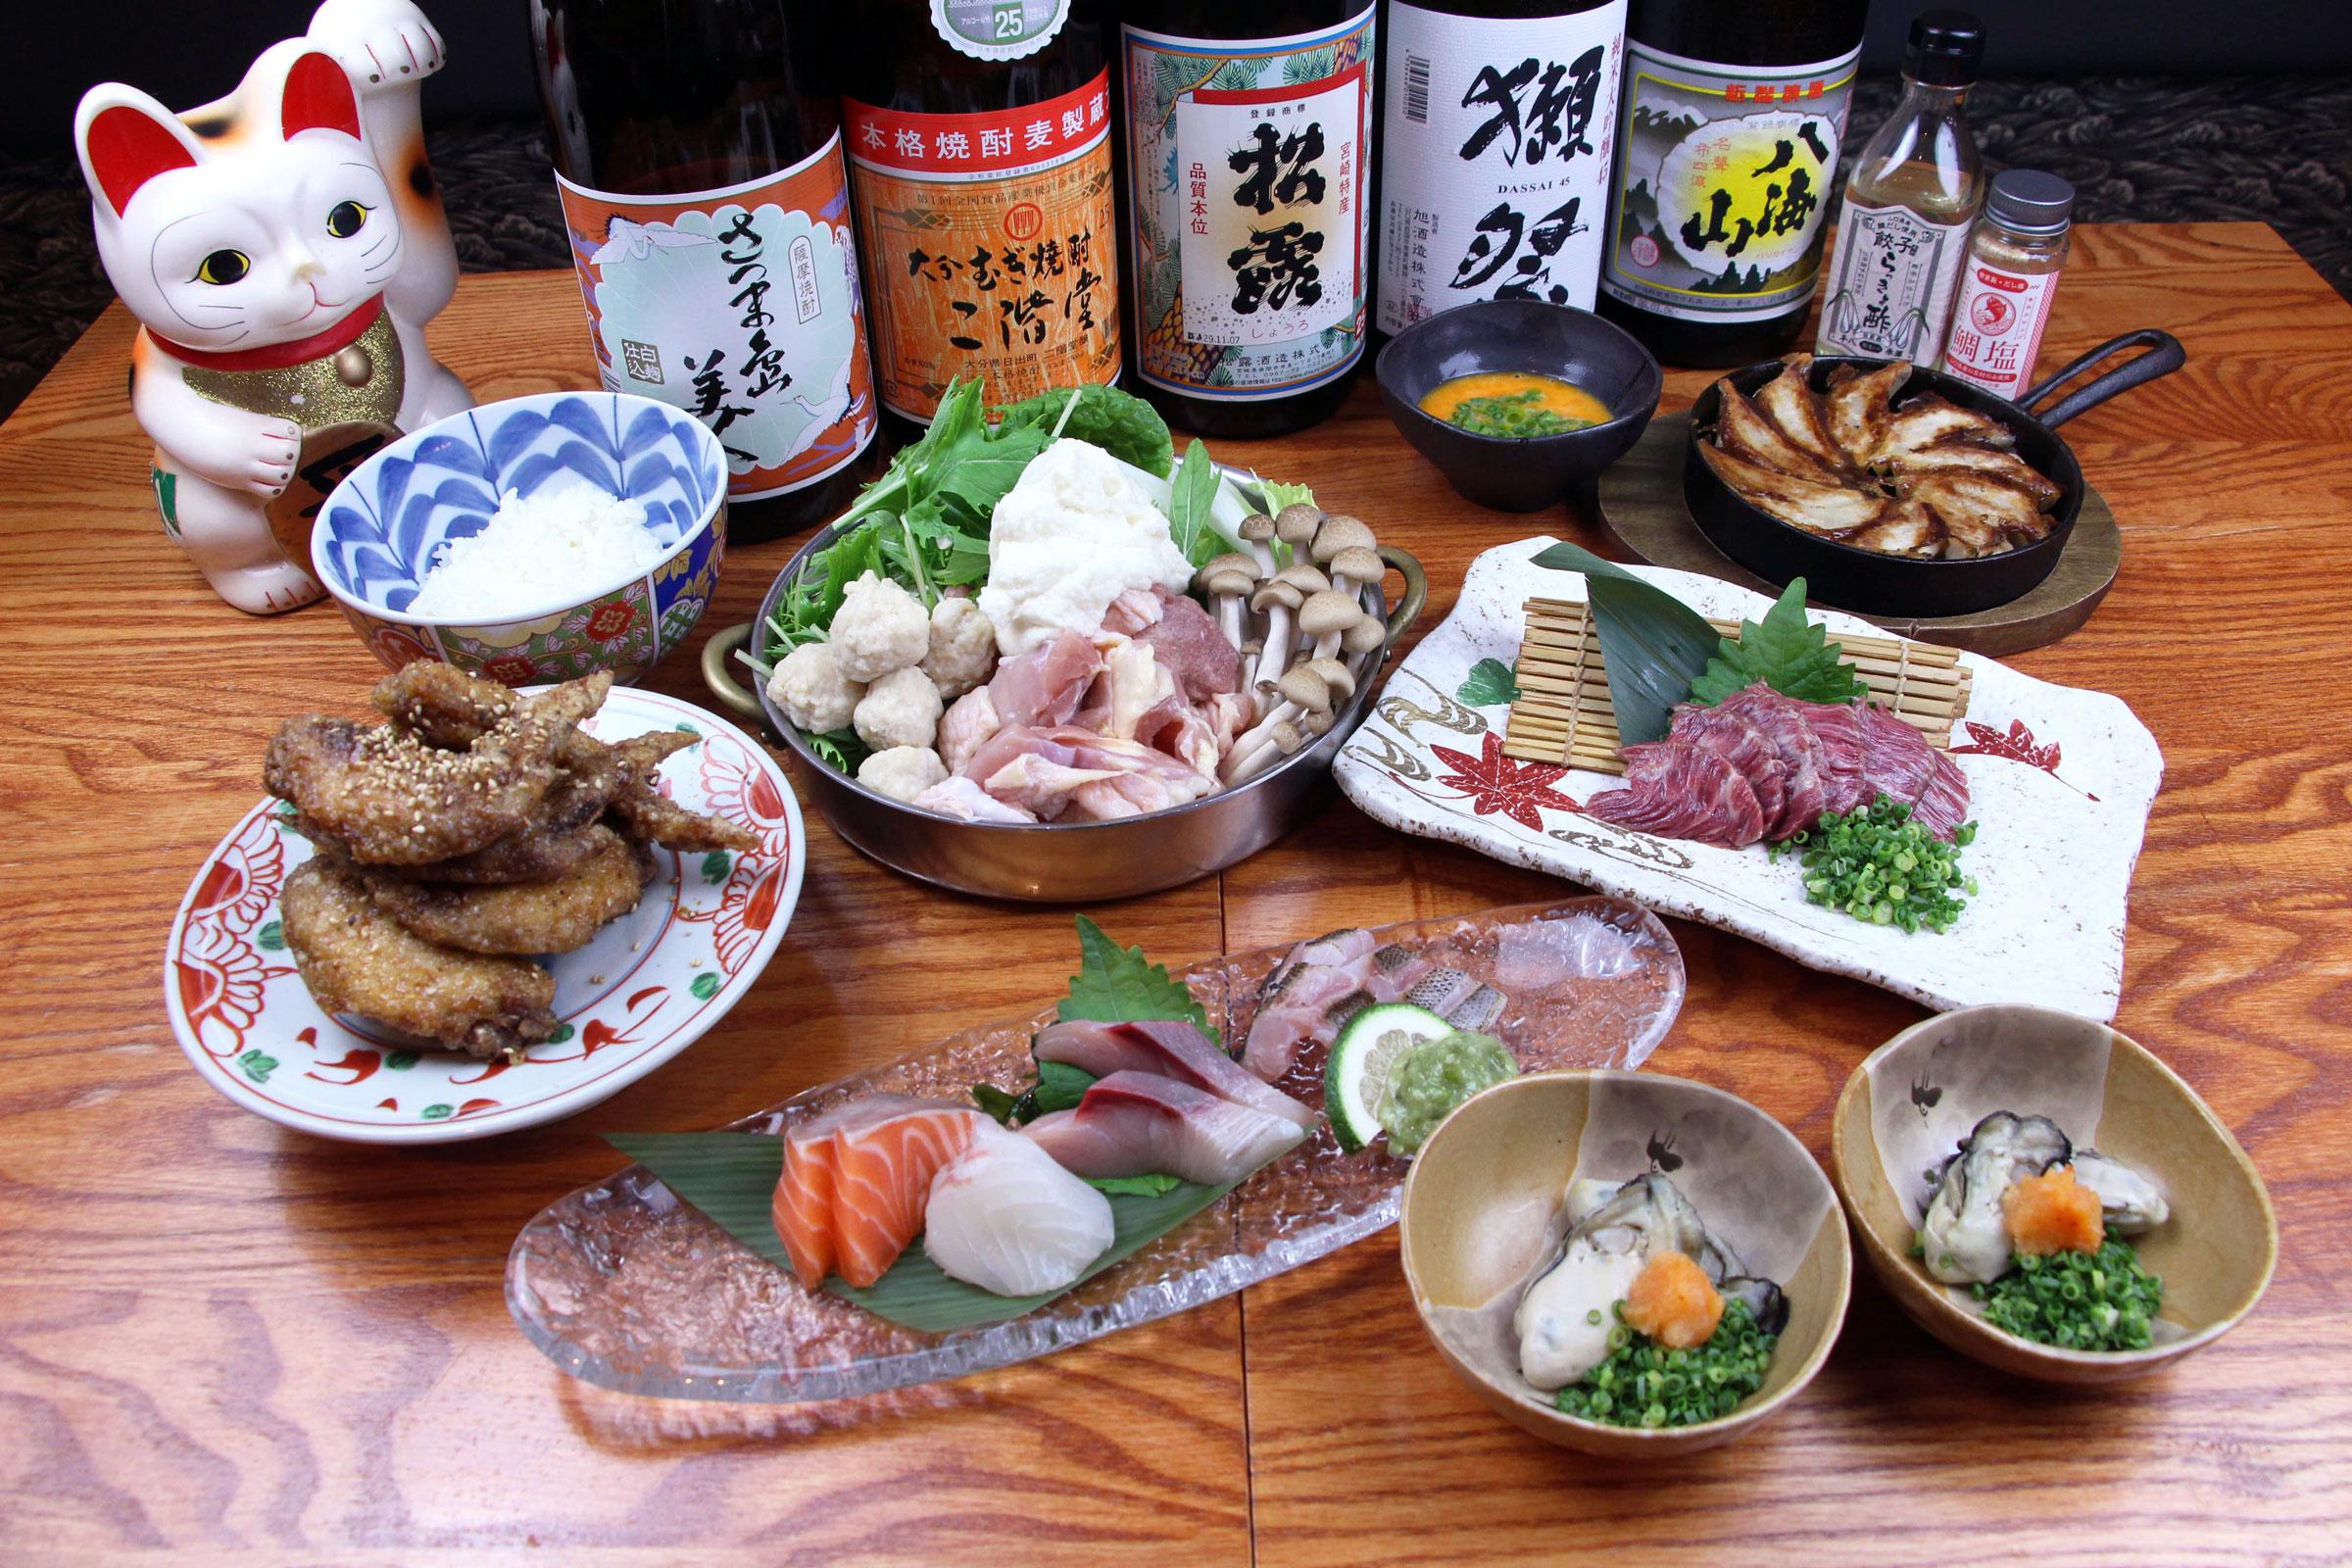 天然霜降り佐賀県産!みつせ鶏と野菜とろろ鍋の「平八食べつくしコース」